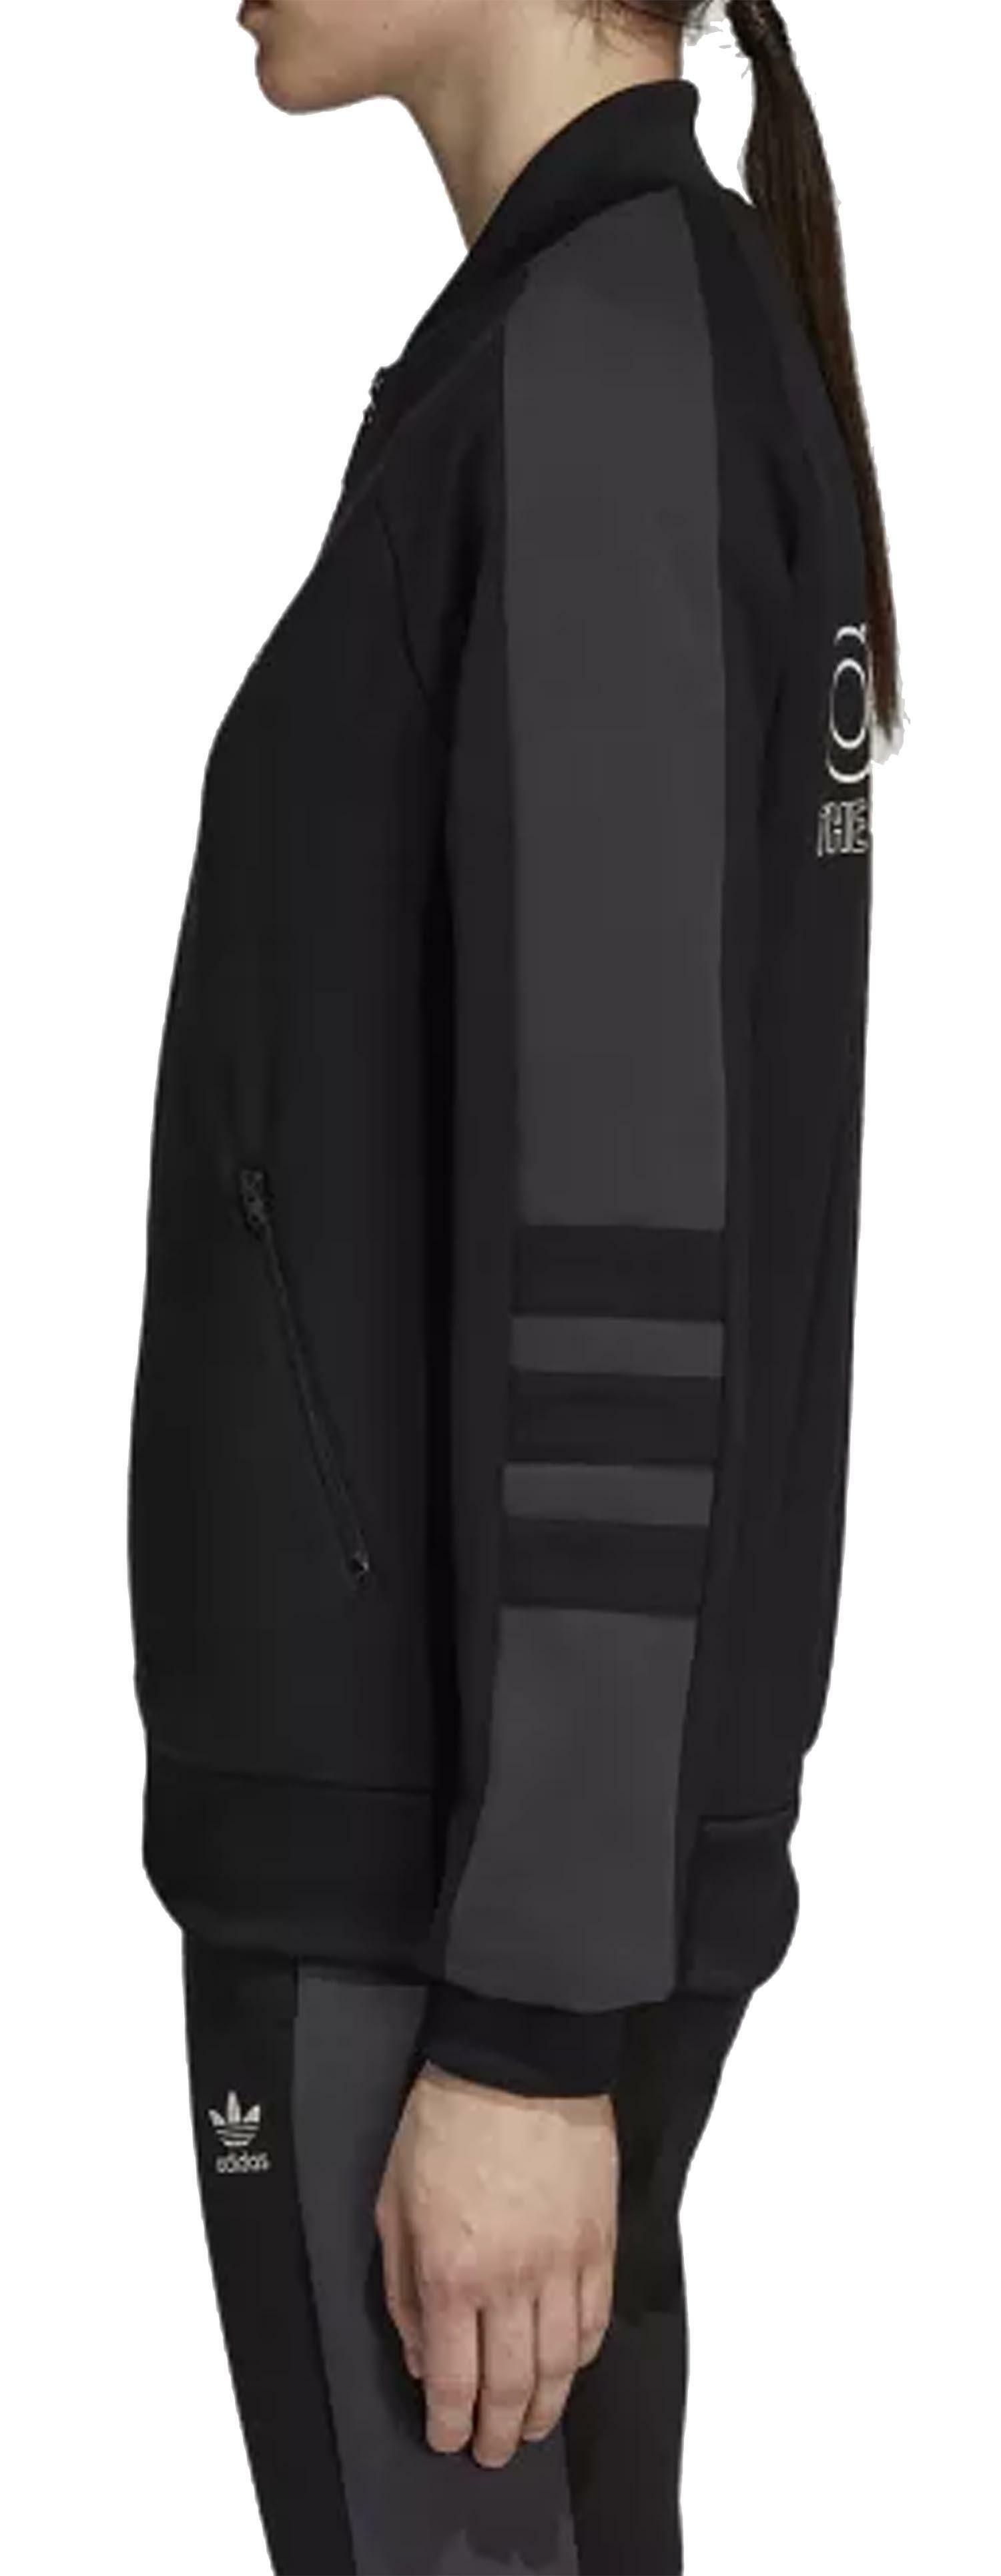 adidas originals adidas track top giacca sportiva donna dh4194